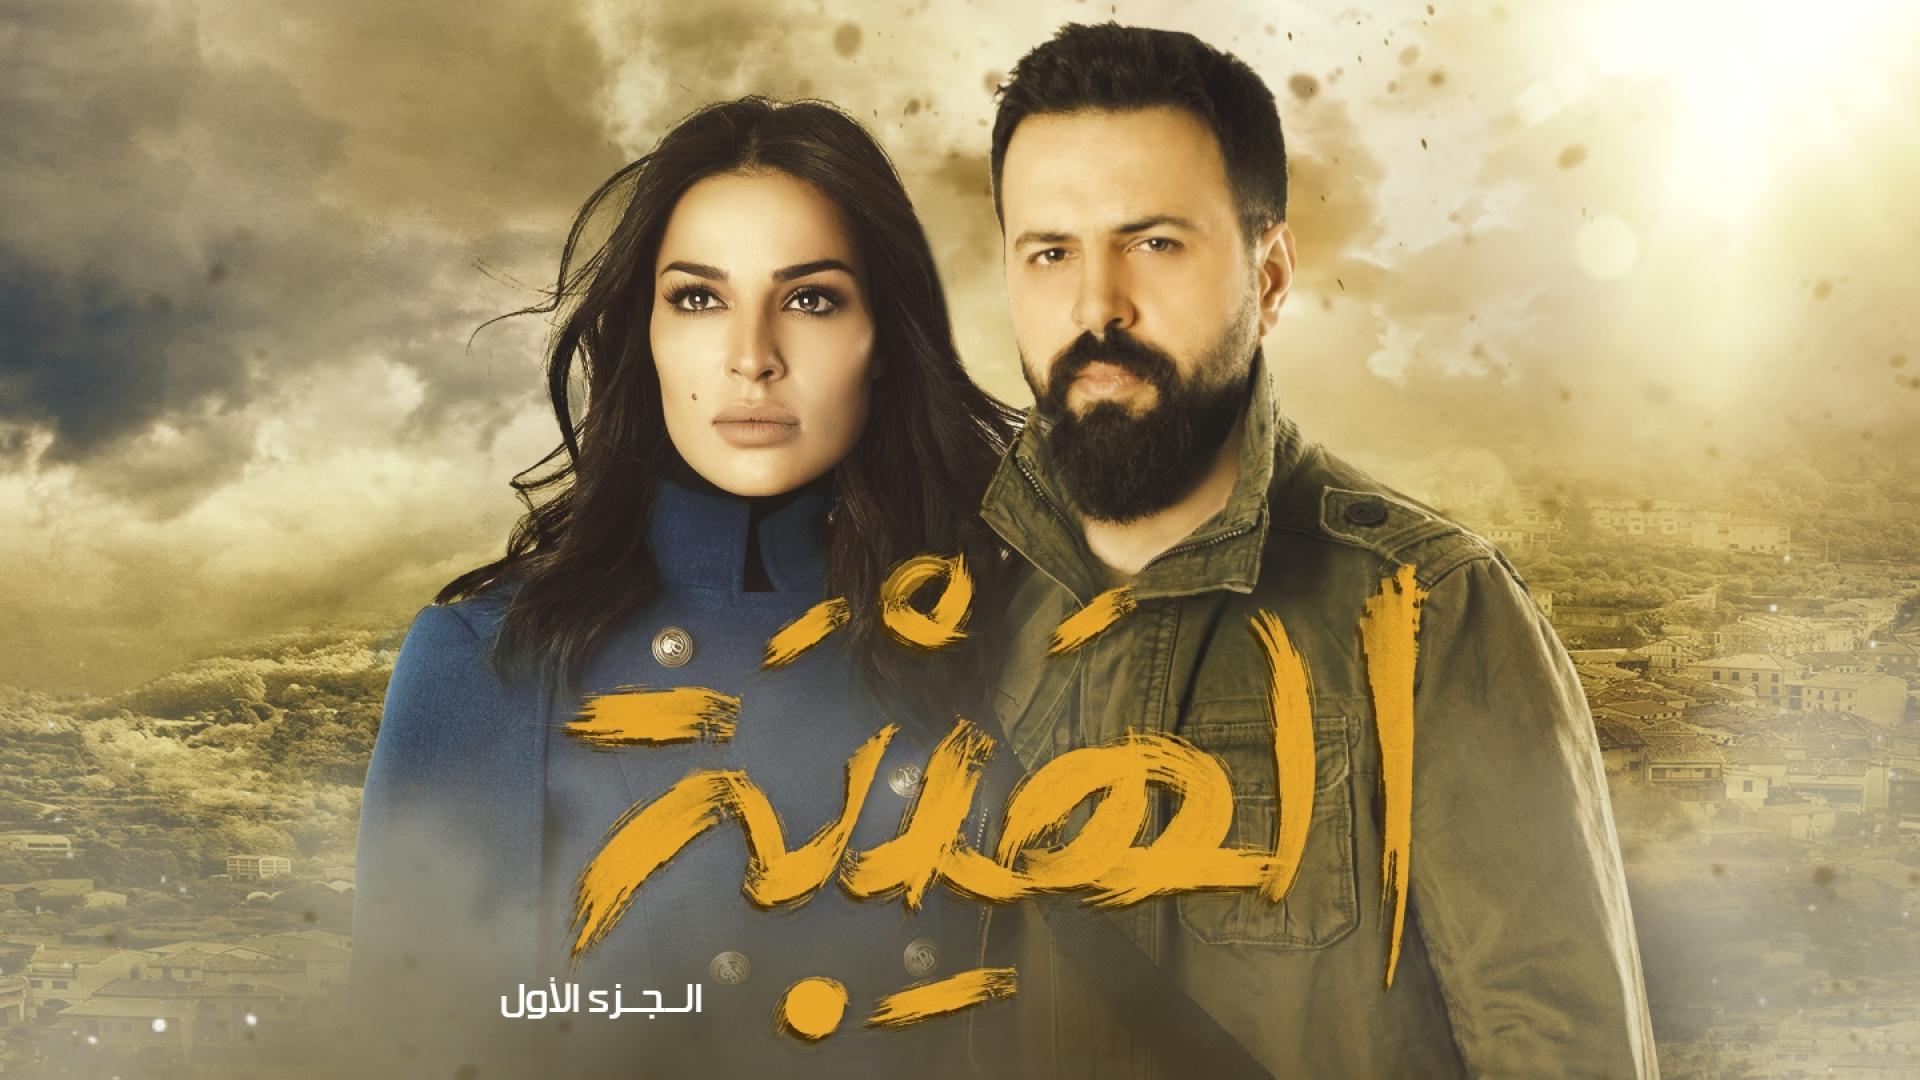 موعد وتوقيت عرض مسلسل الهيبة ج1 2020 على قناة سما السورية